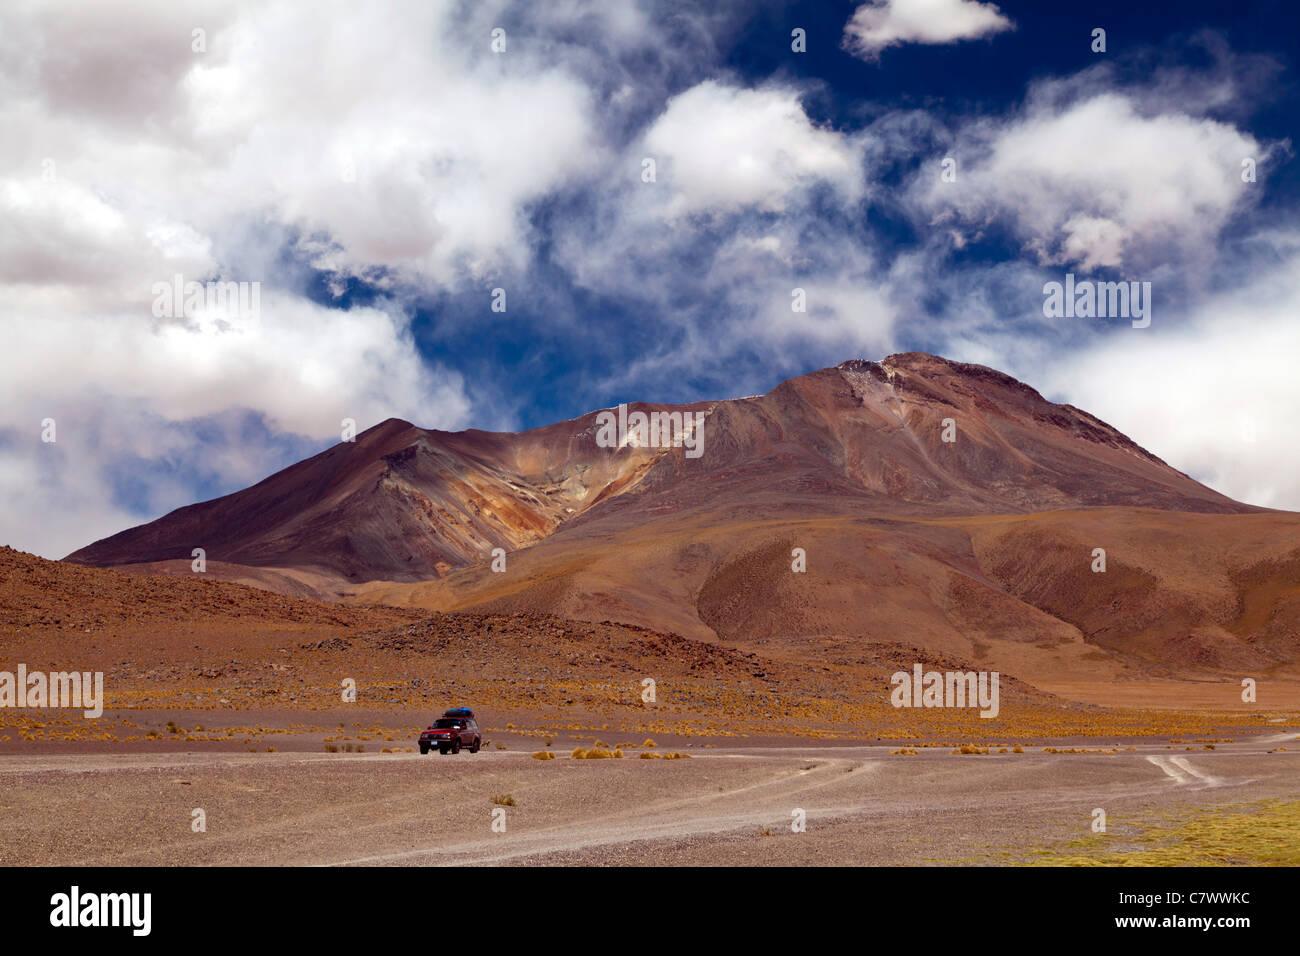 4wd on the road between San Pedro de Quemez and Ojo de Perdiz. Bolivia - Stock Image